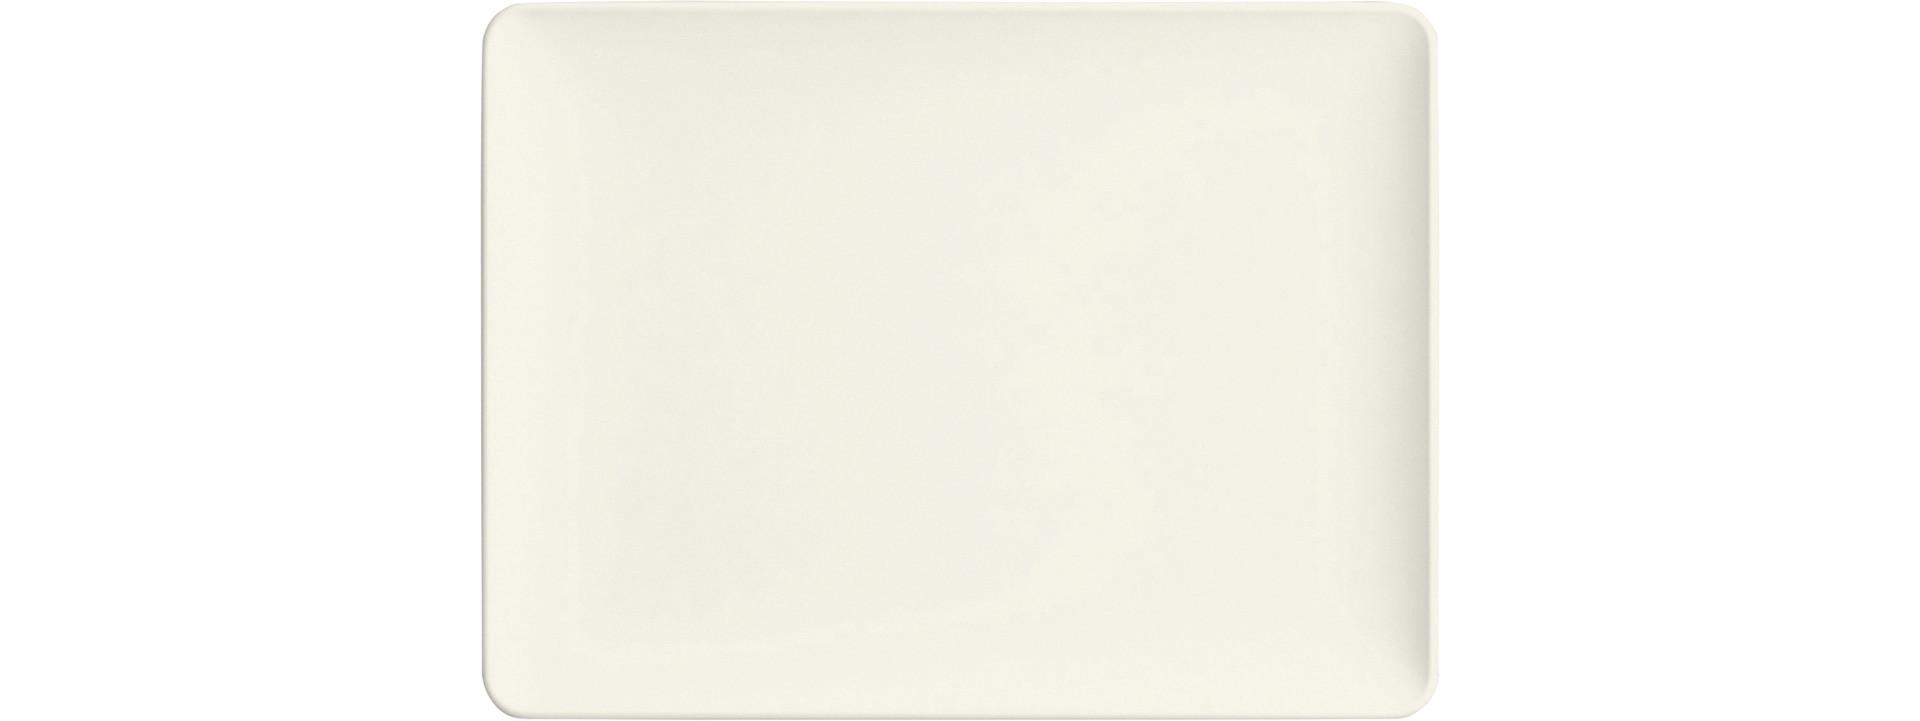 Purity, Coupplatte rechteckig 200 x 150 mm